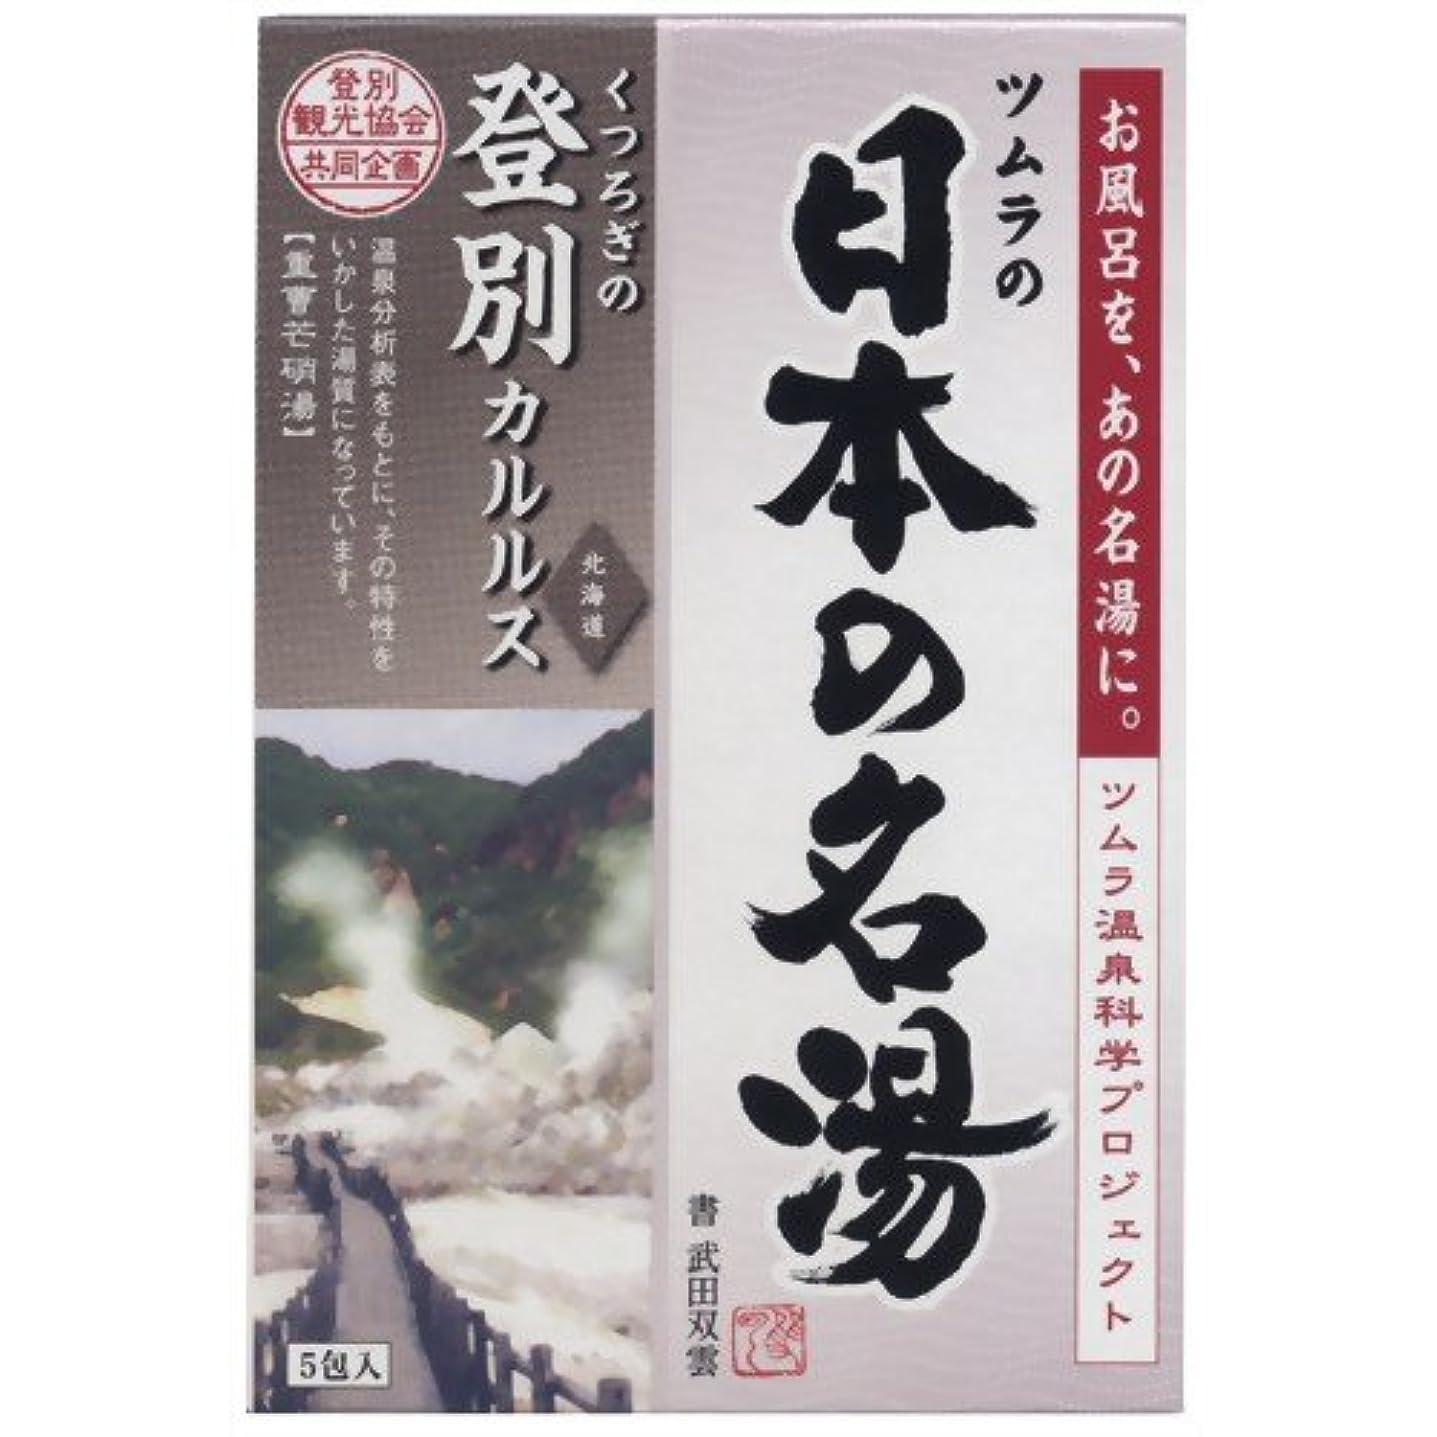 食い違いルビー高齢者バスクリン 日本の名湯 登別カルルス 30g×5包入(入浴剤)×24点セット (4548514135451)